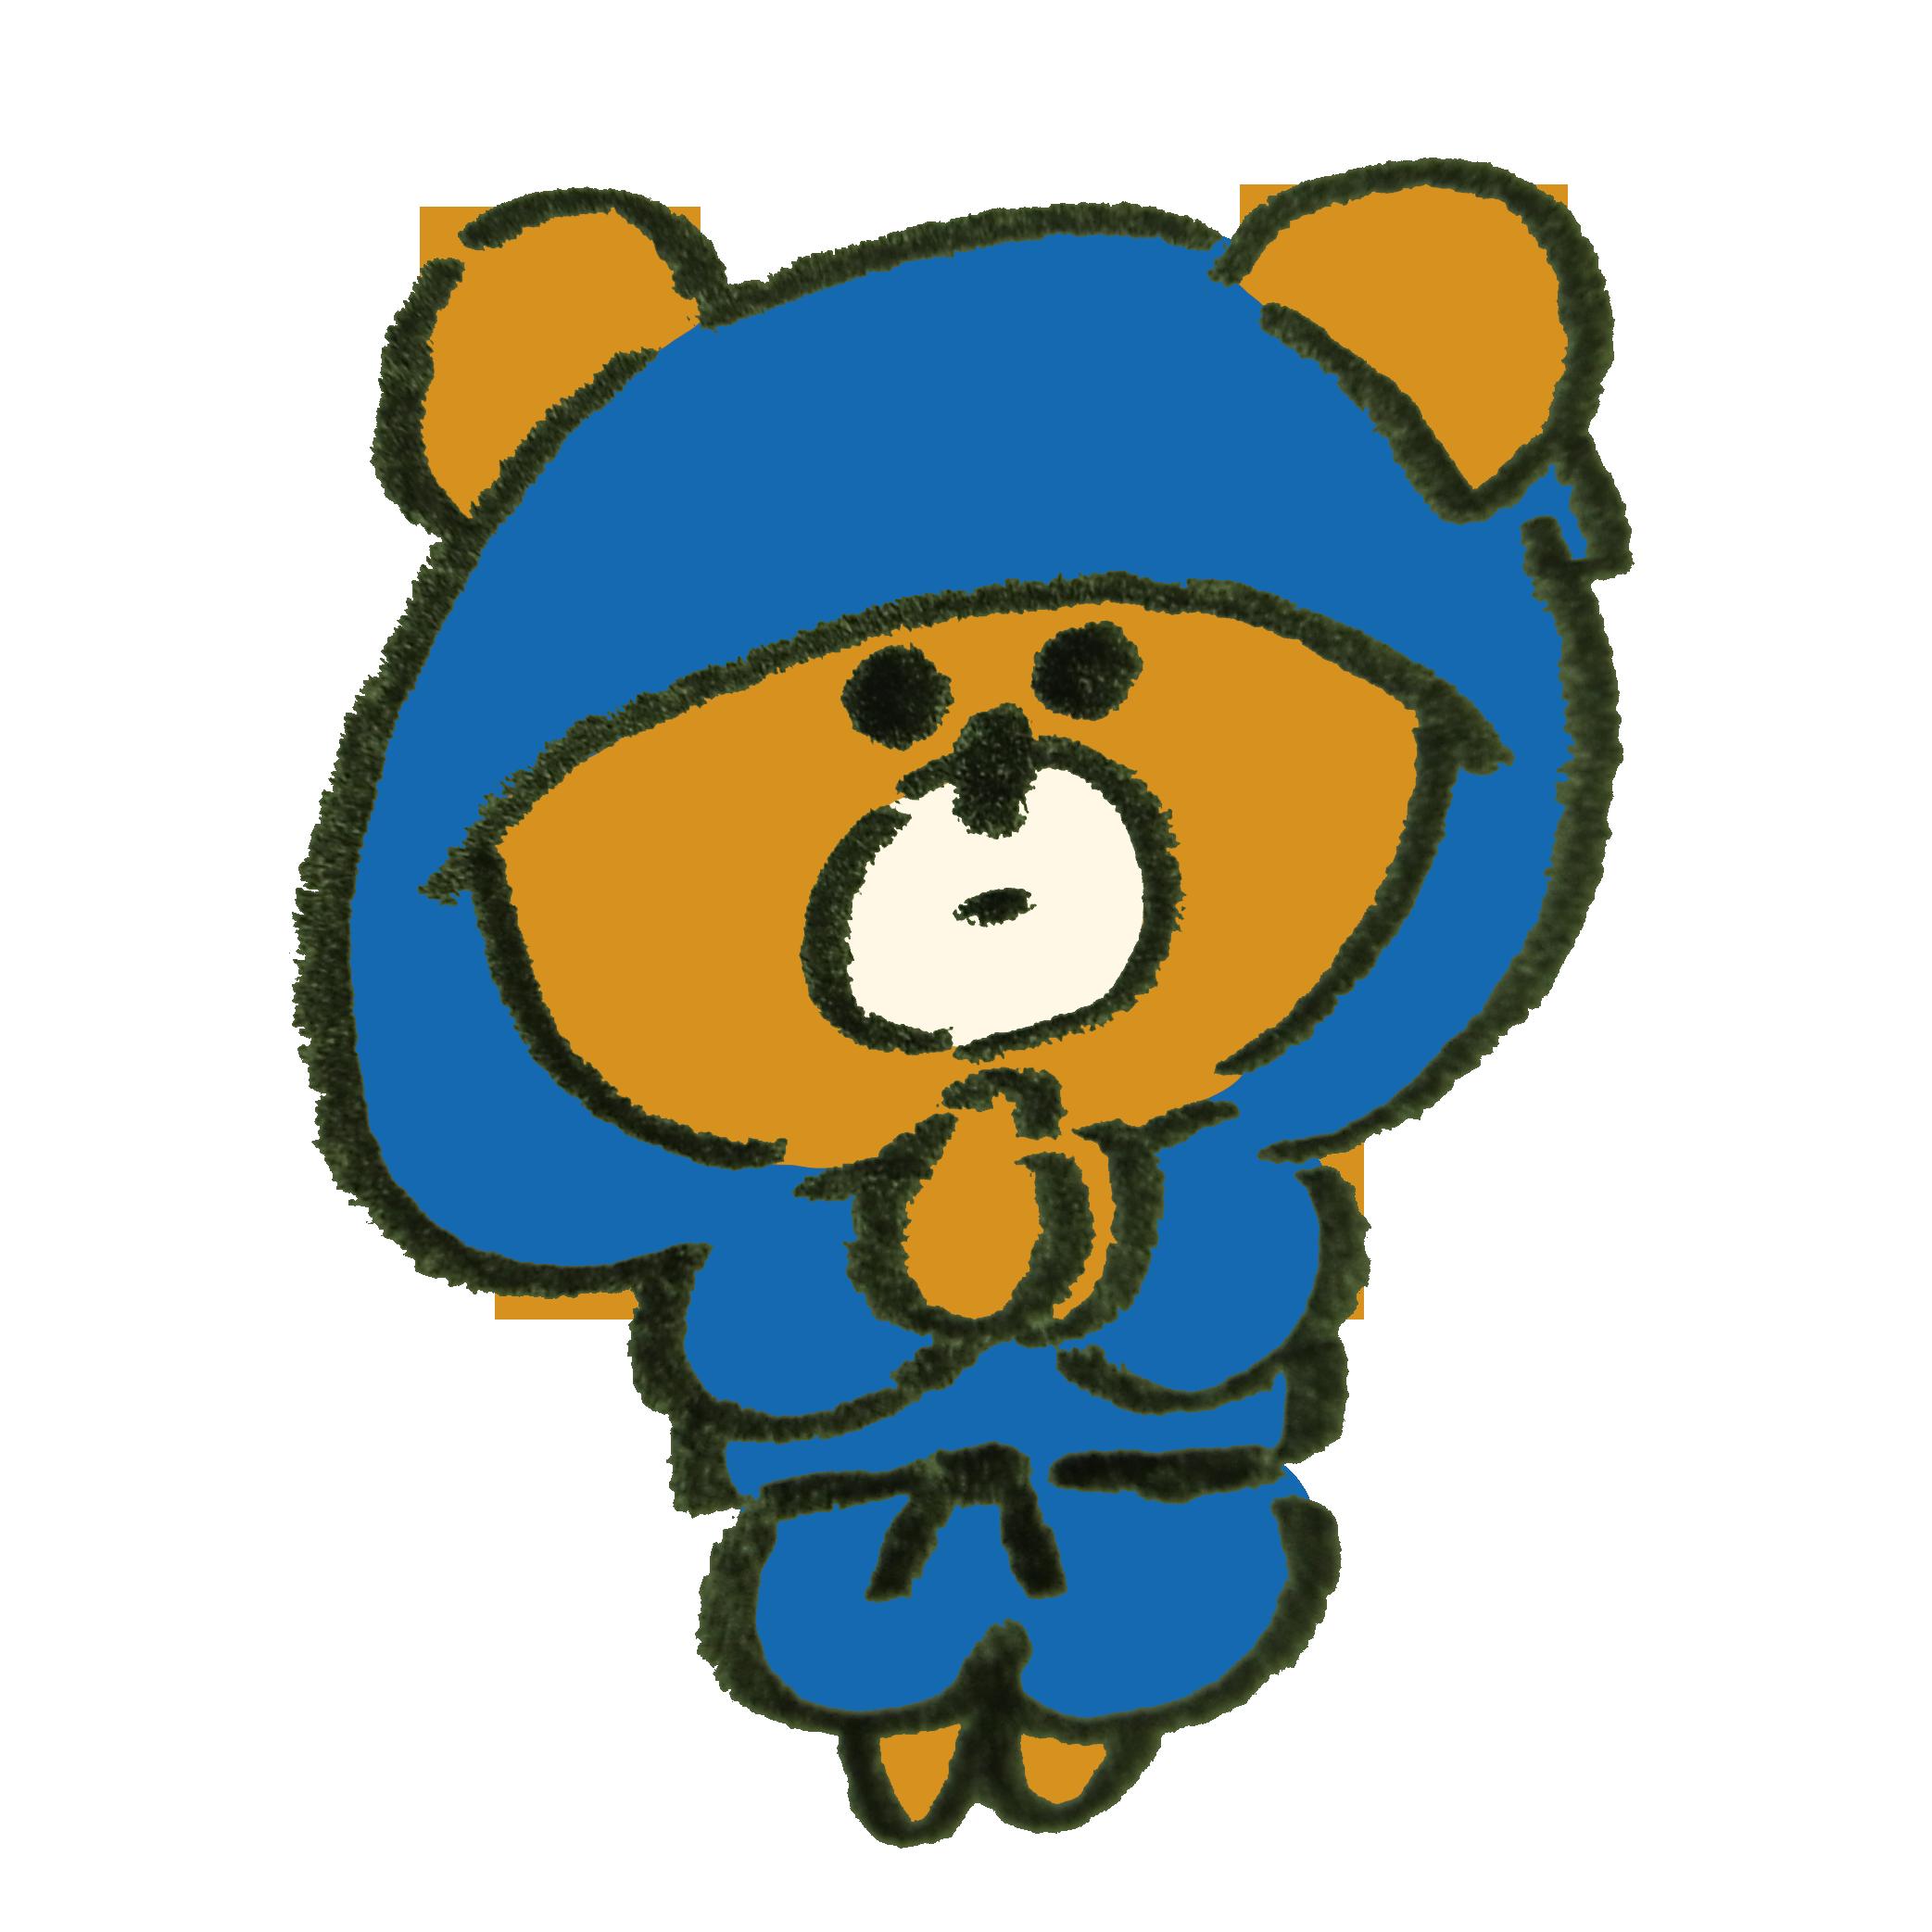 忍術を使う忍者の熊